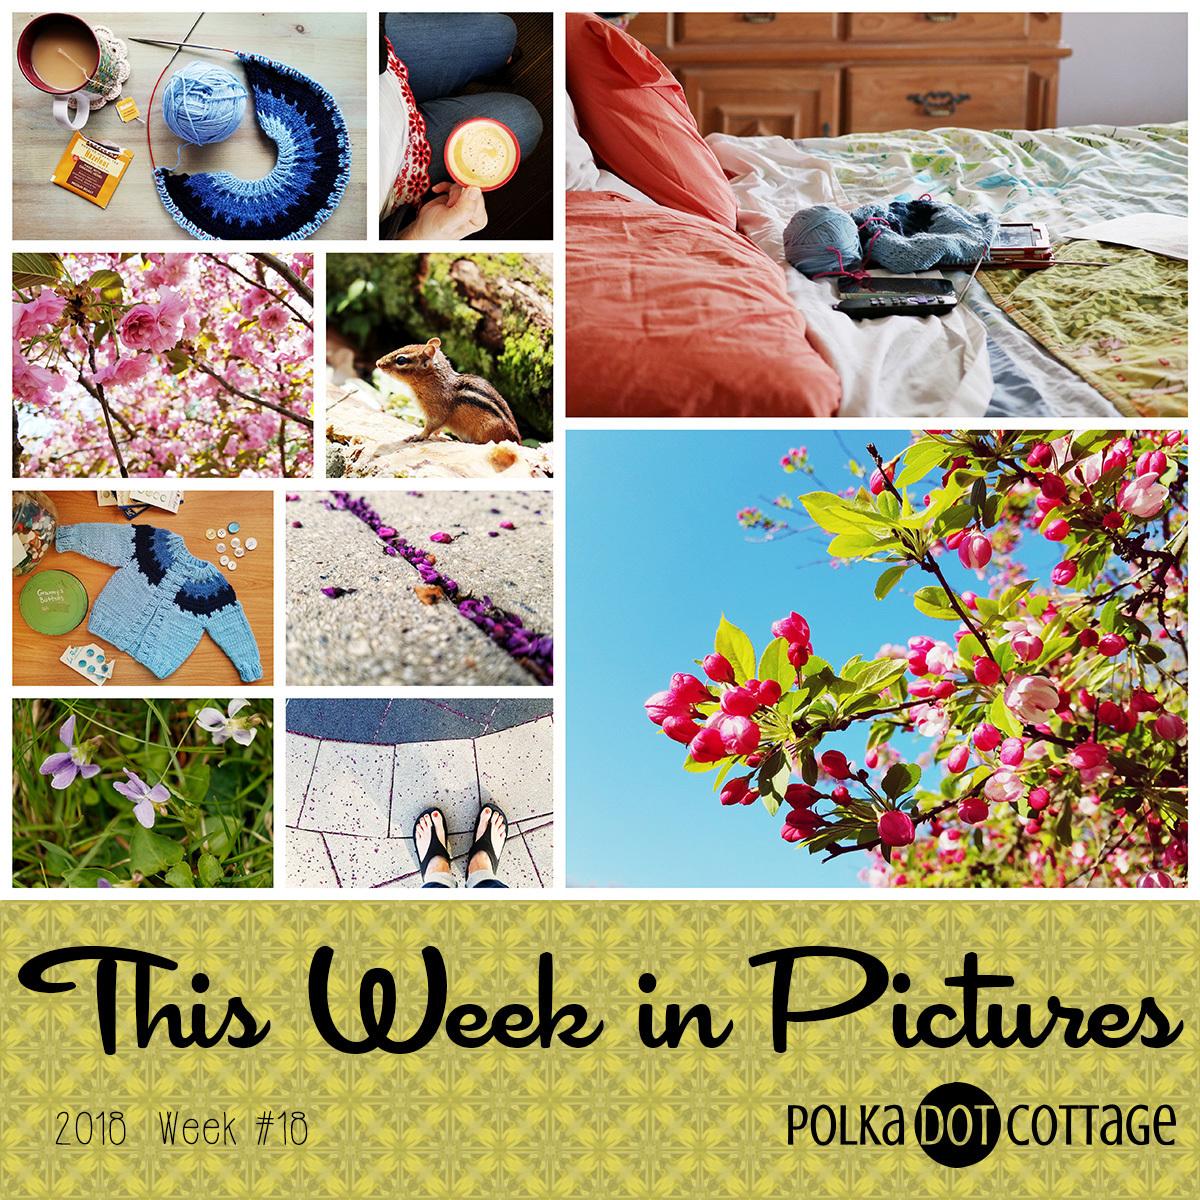 This Week in Pictures, Week 18, 2018